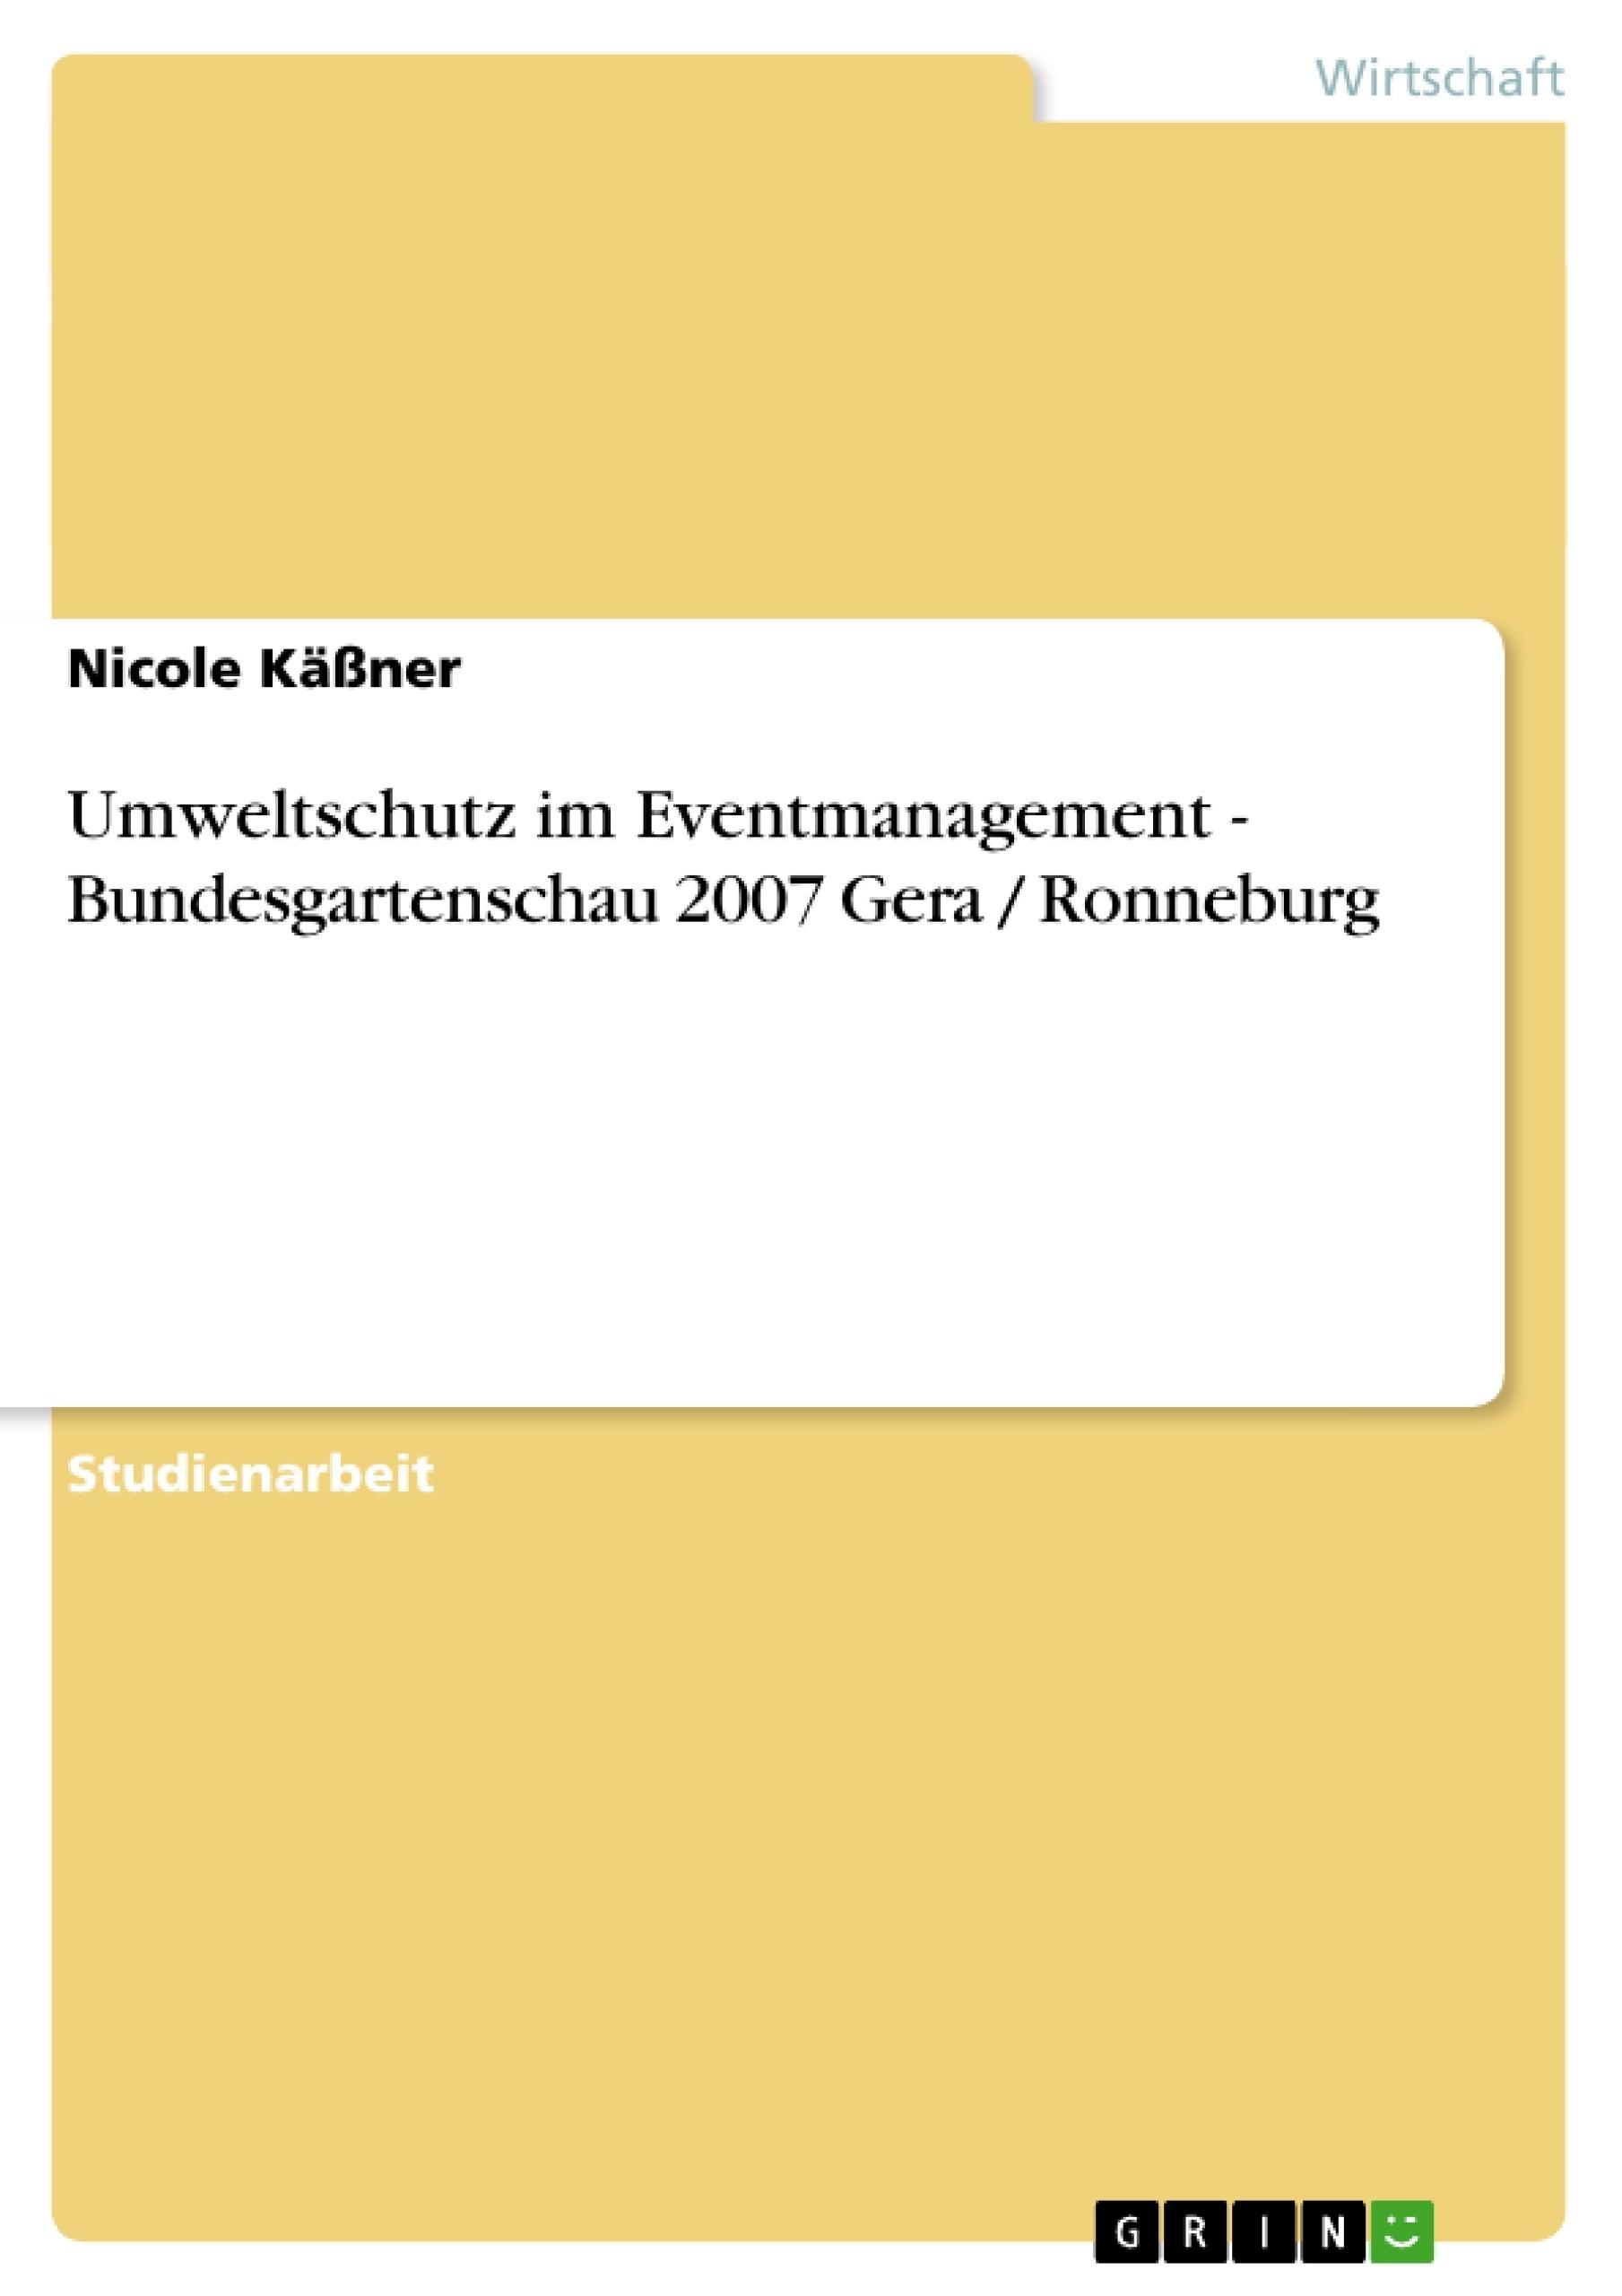 Titel: Umweltschutz im Eventmanagement  -  Bundesgartenschau 2007 Gera / Ronneburg